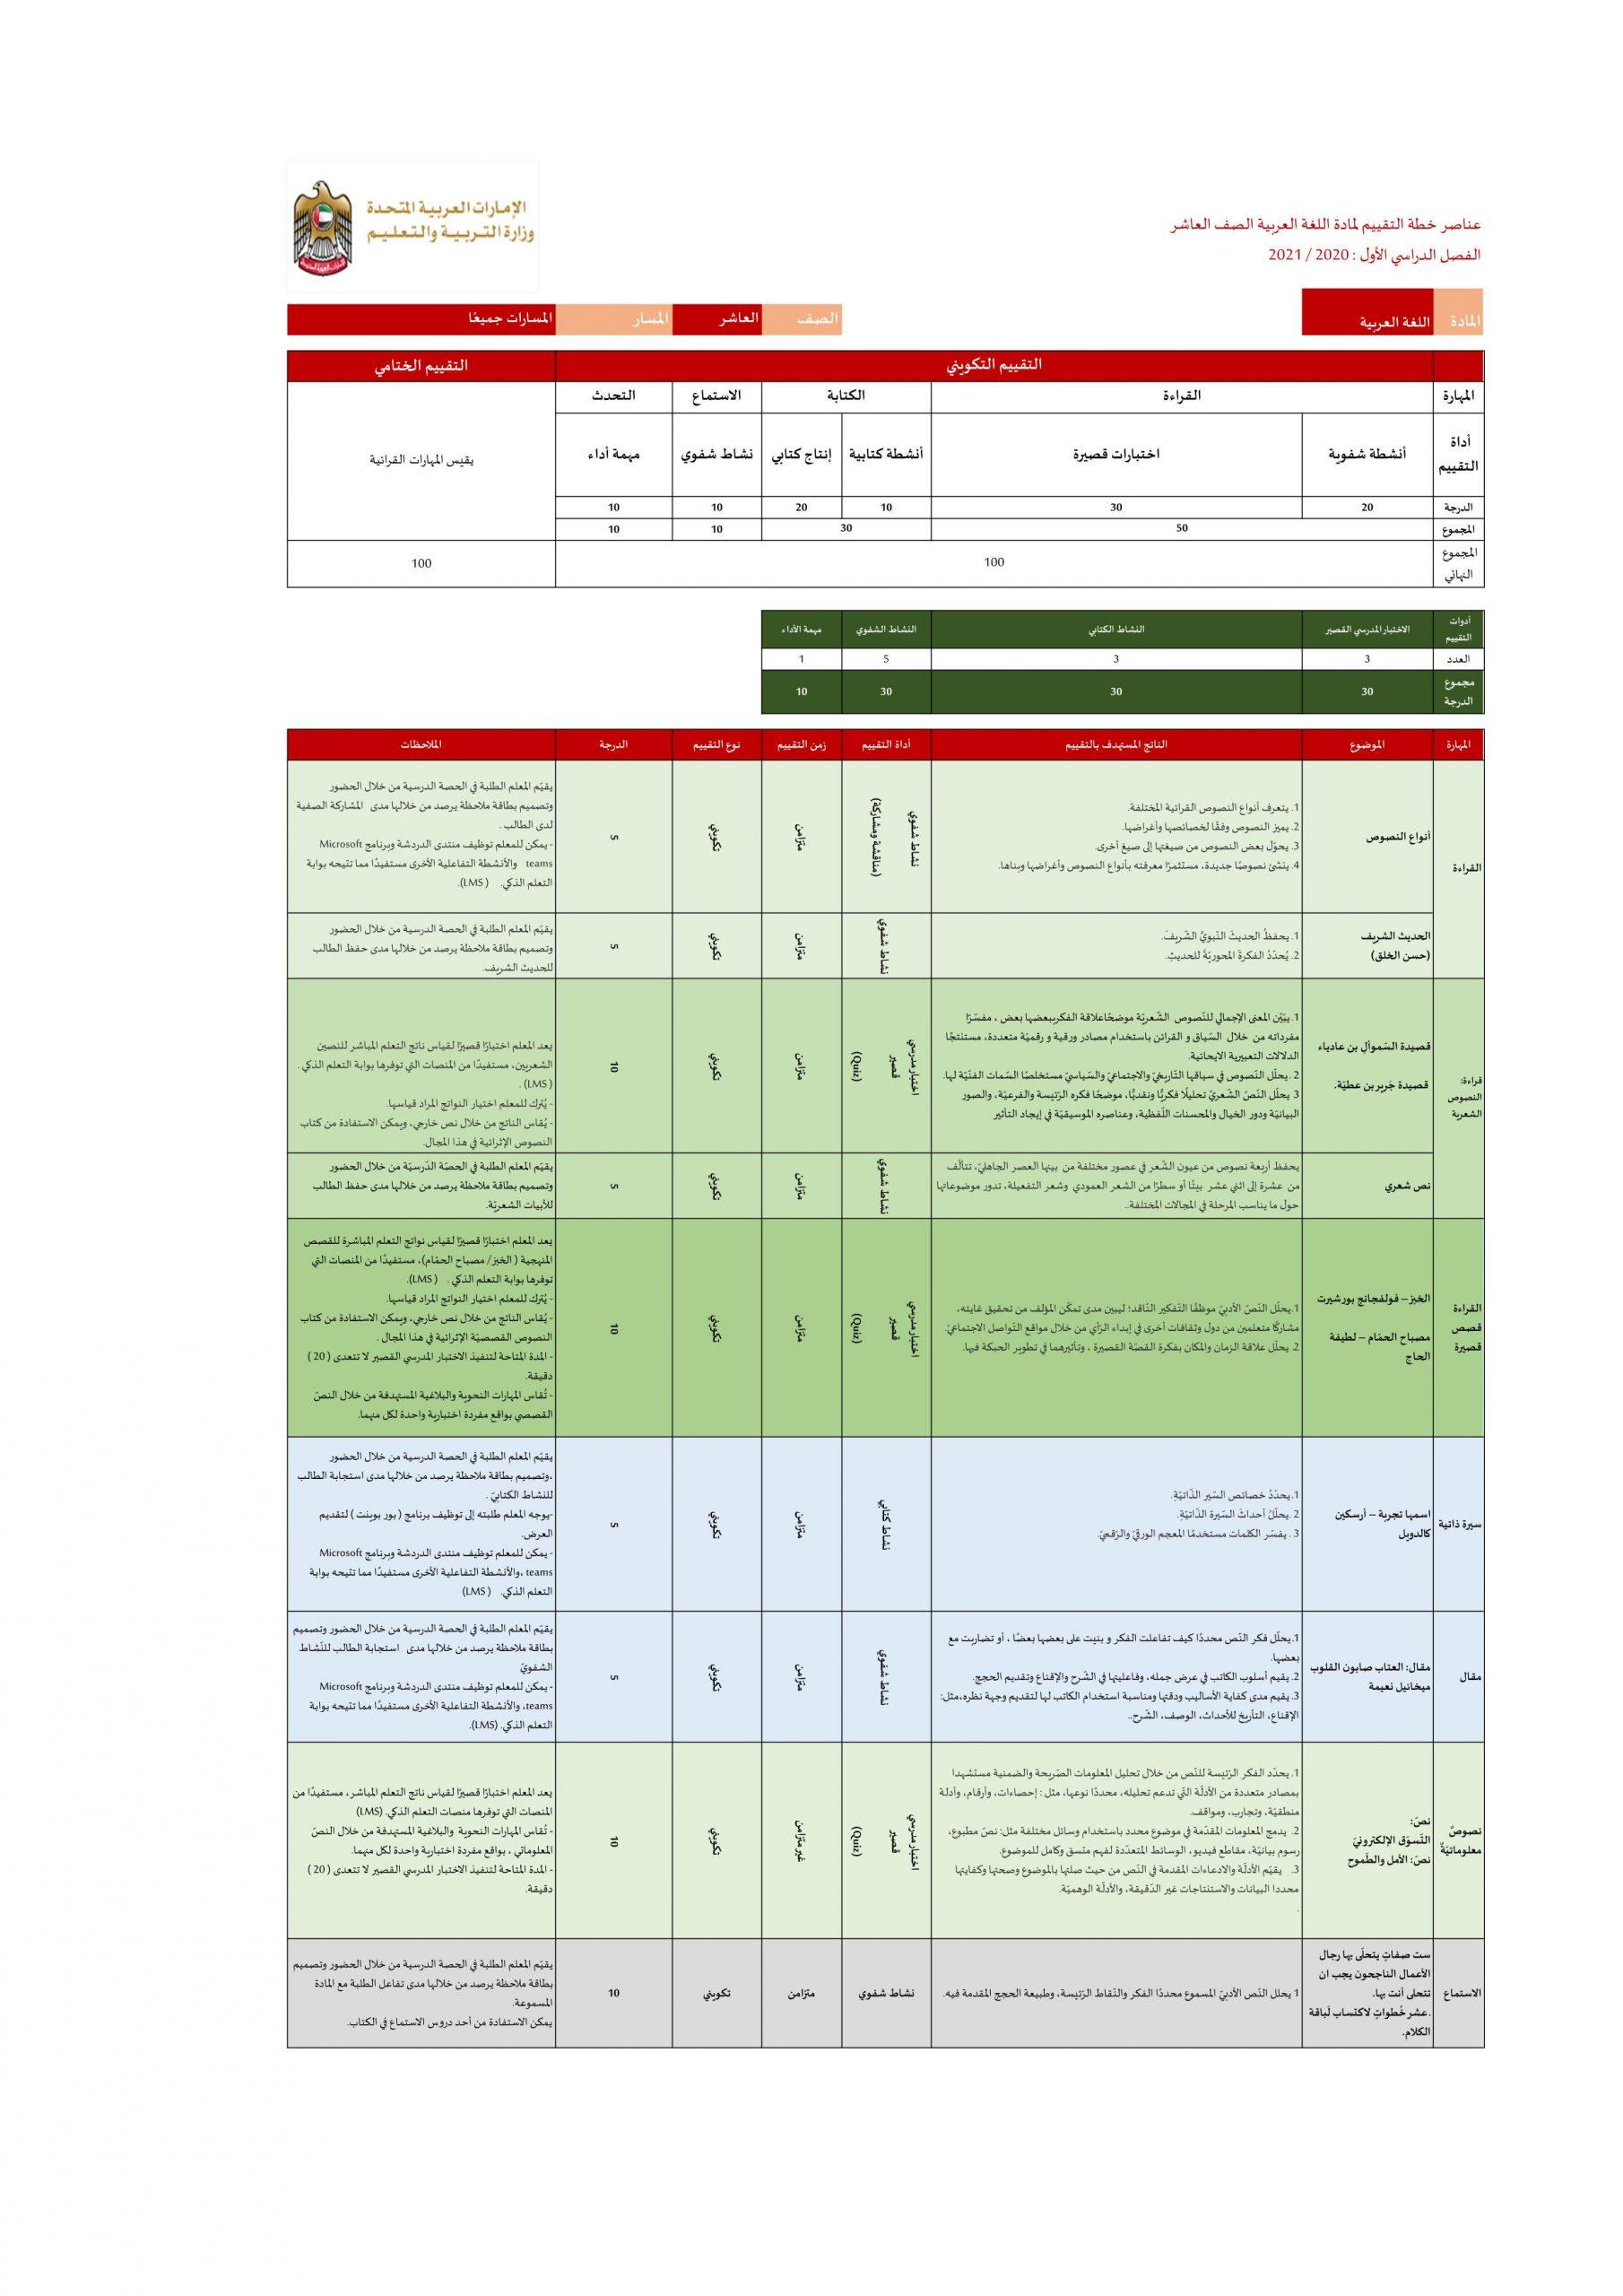 عناصر خطة التقييم الفصل الدراسي الاول للصف العاشر مادة اللغة العربية